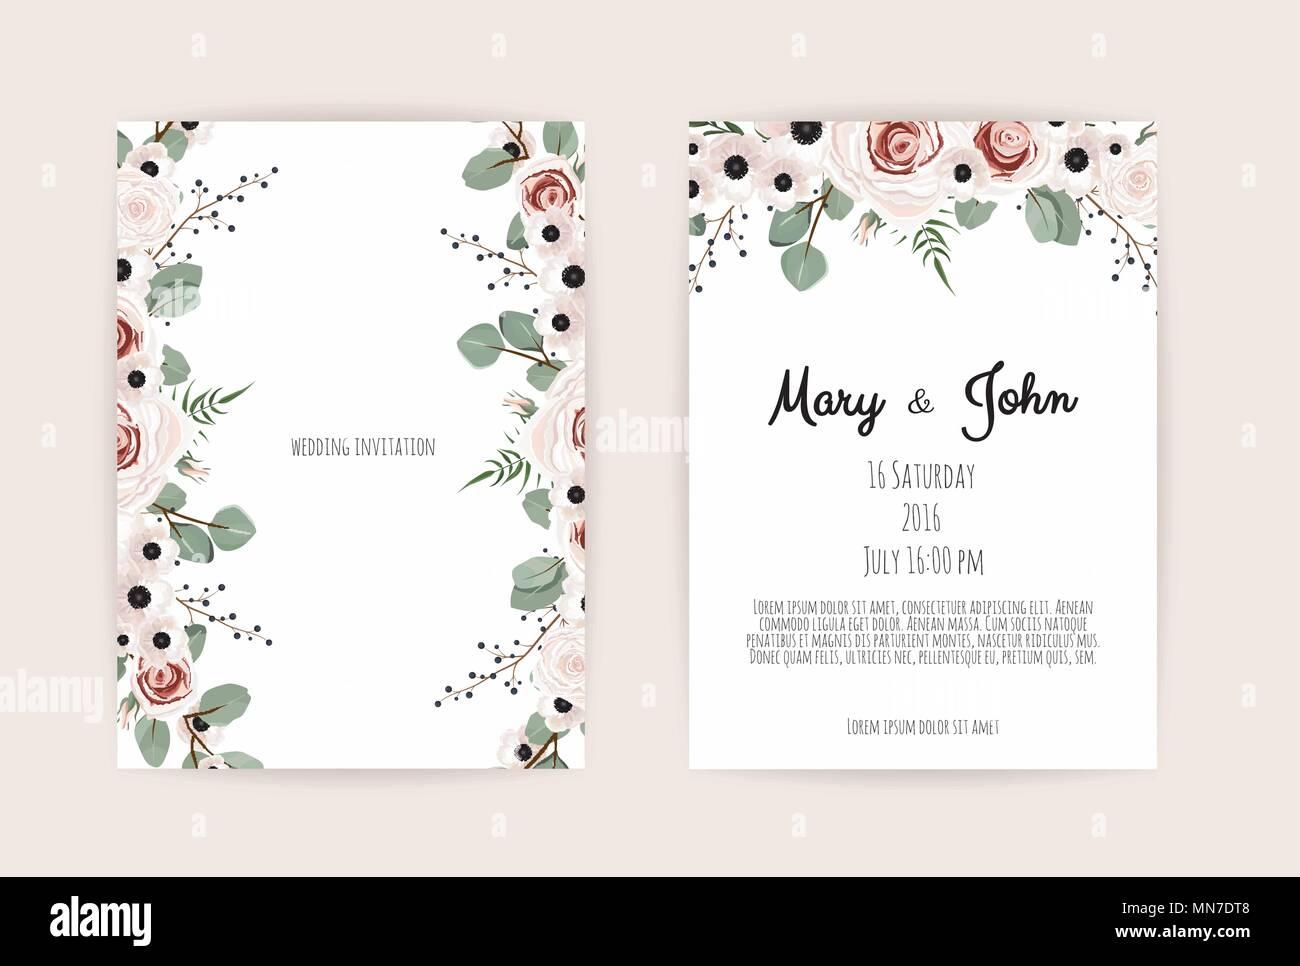 Blumen Hochzeit Einladung Botanische Karte Vektor Design Garten